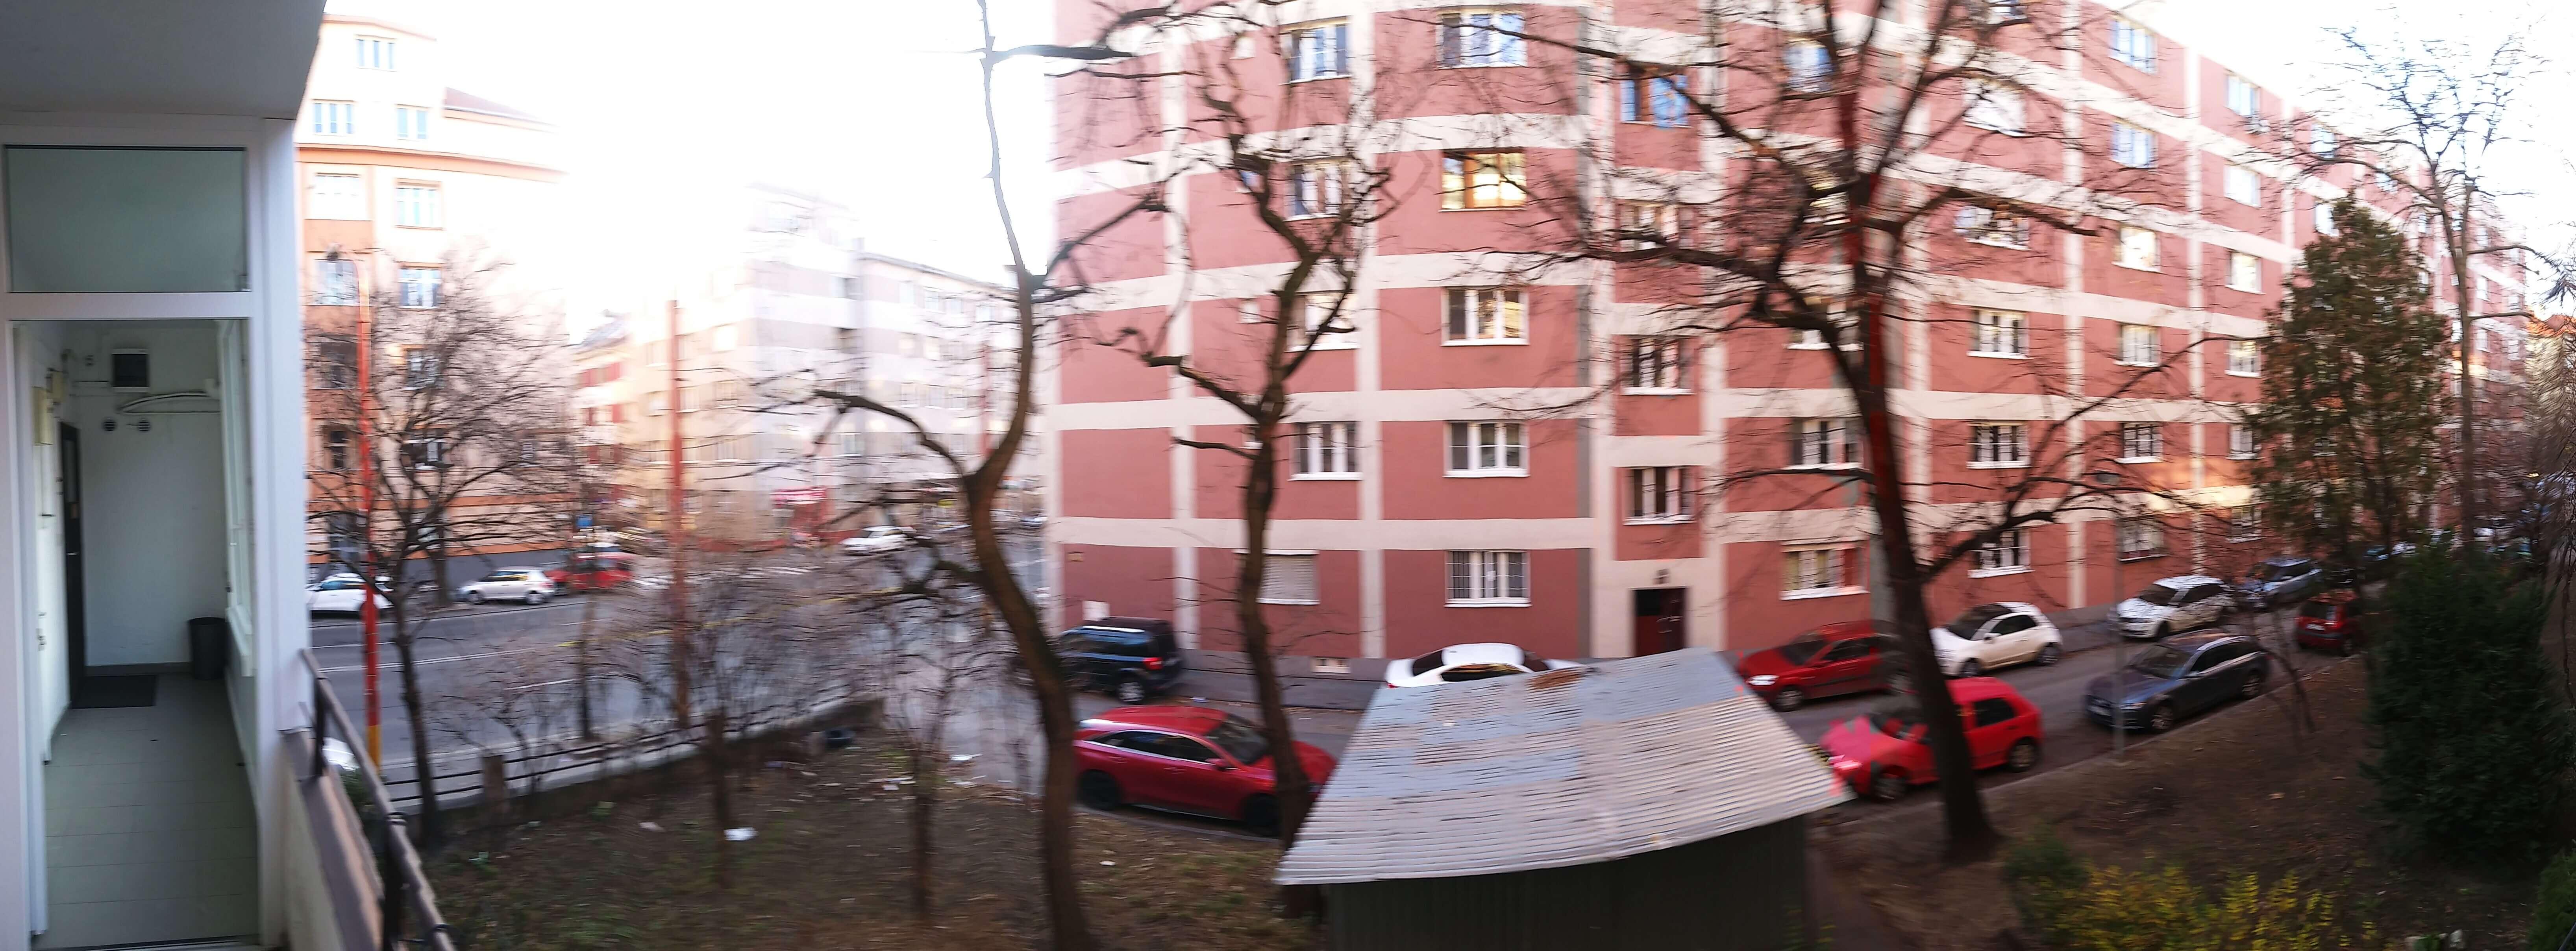 Predaj exkluzívneho 2 izb. bytu, staré mesto, Šancová ulica, Bratislava, 75m2, kompletne zariadený-4